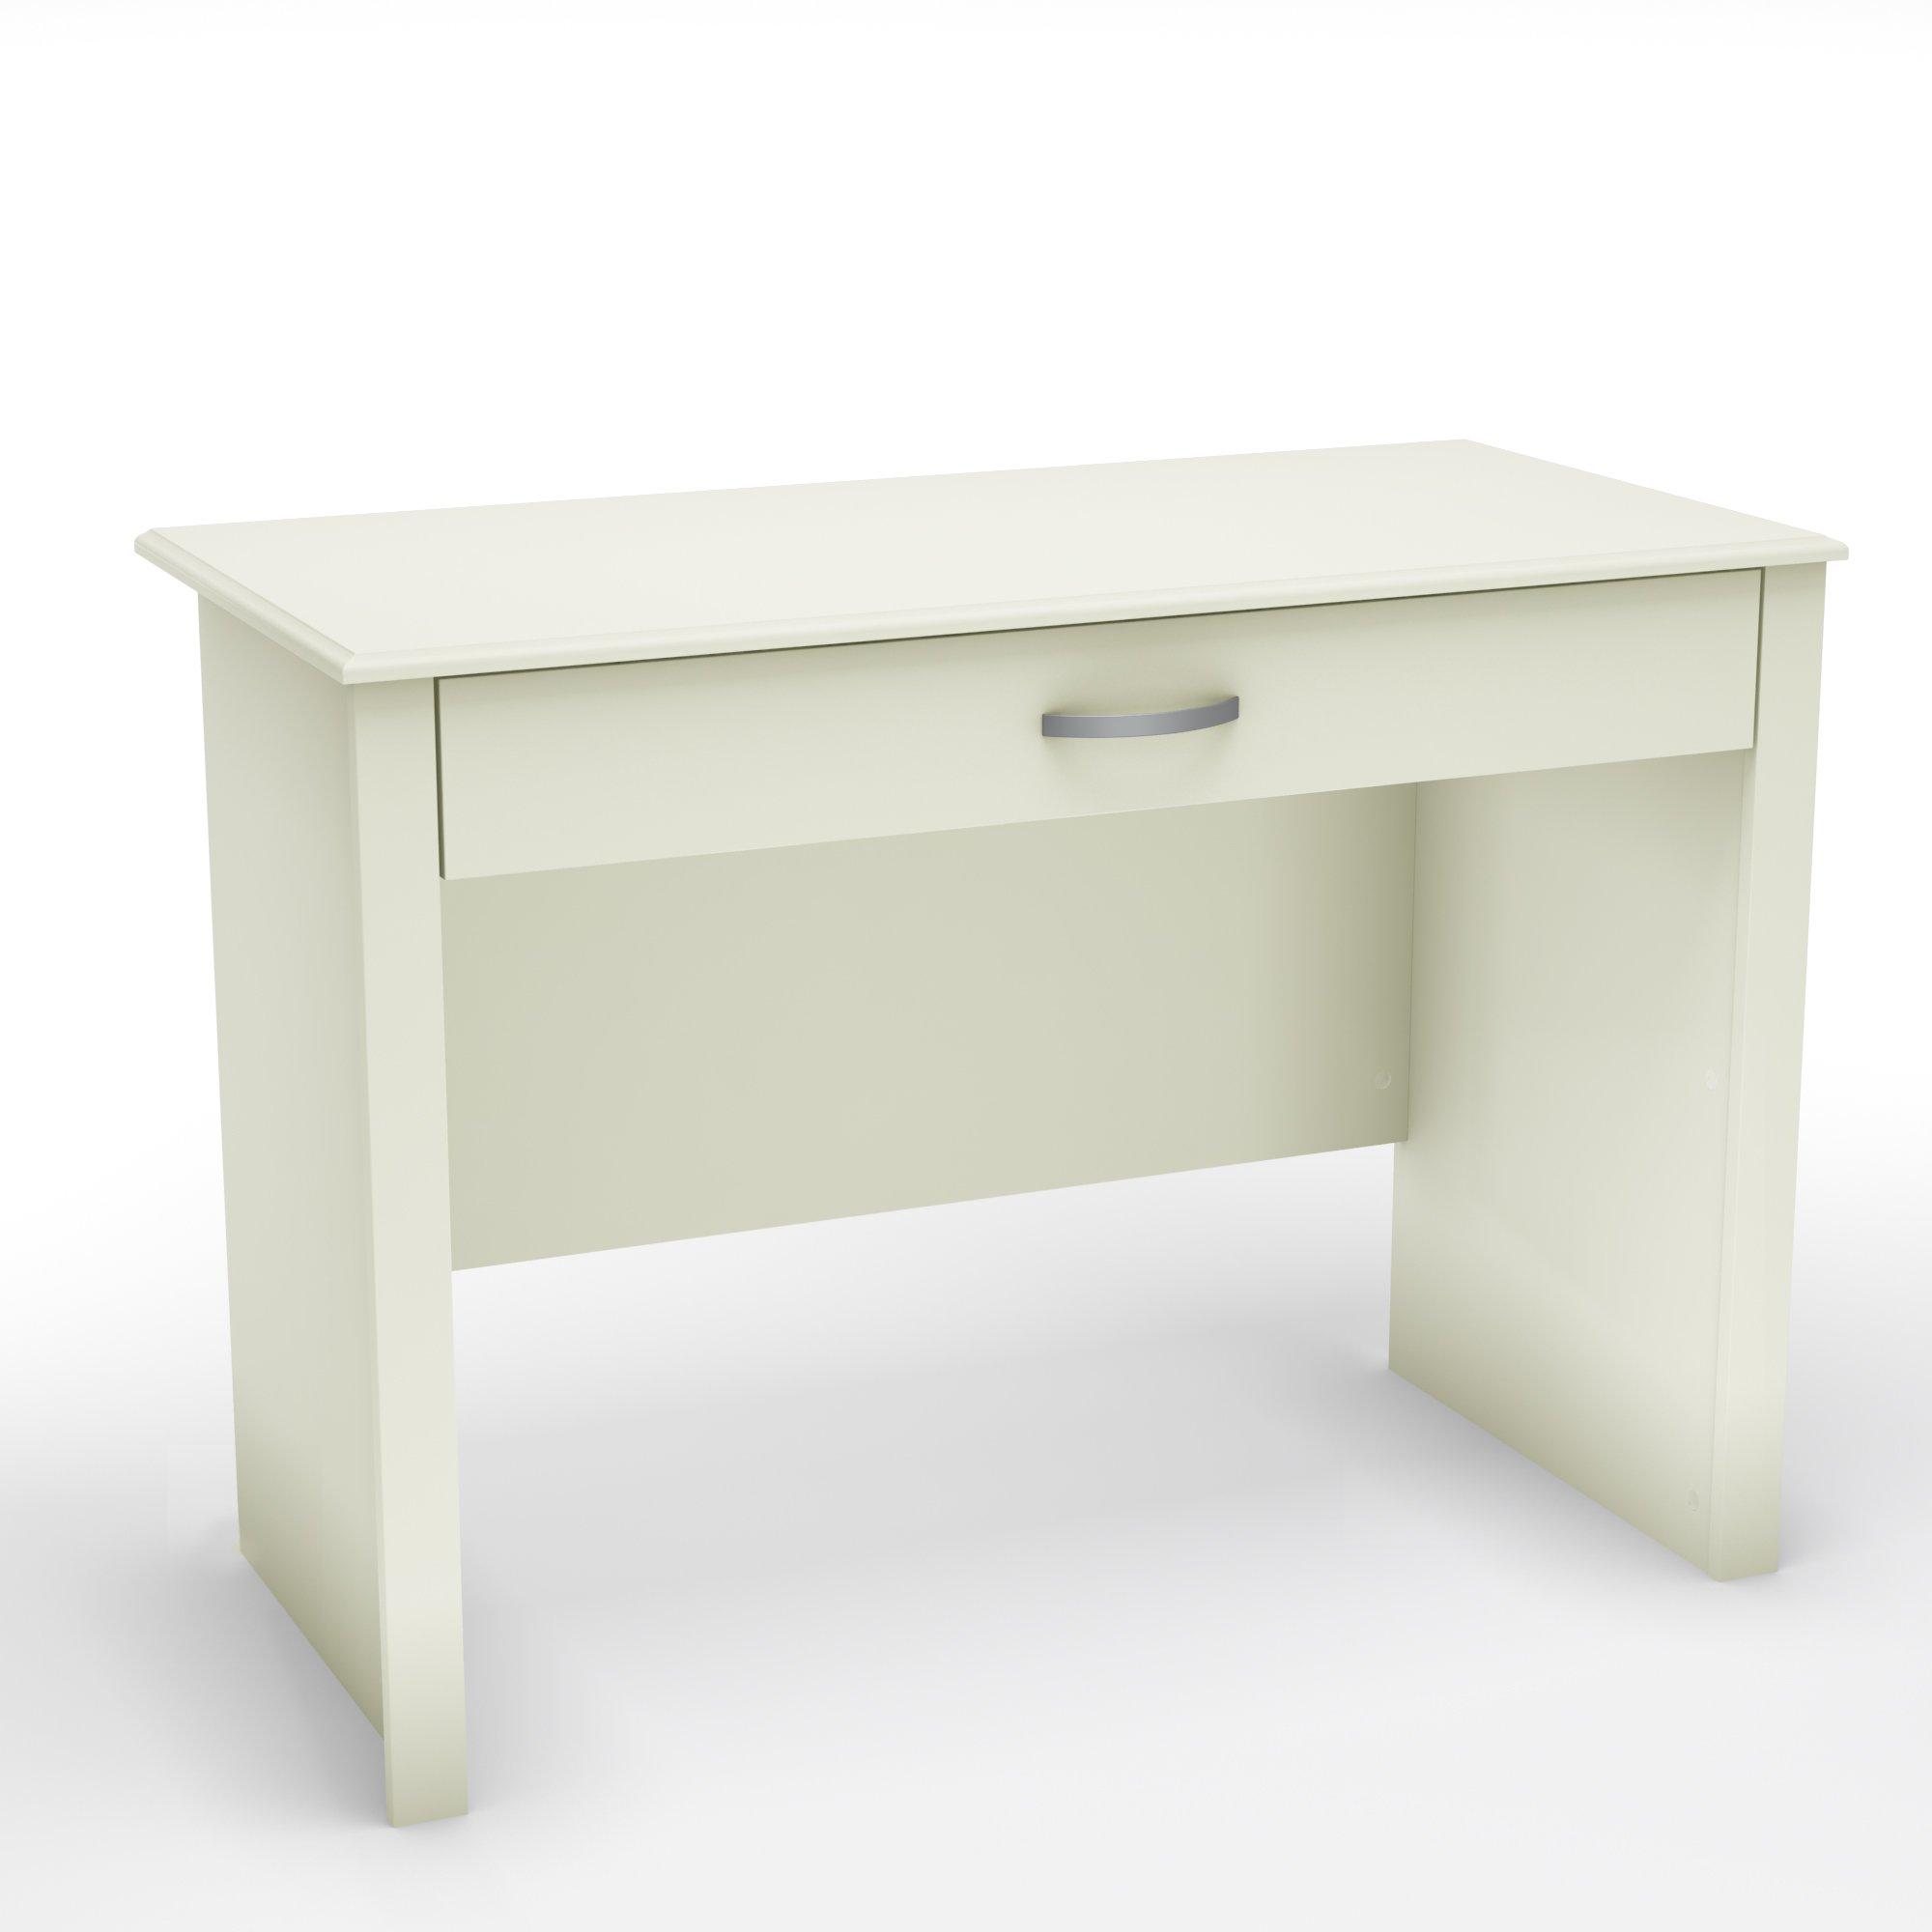 South Shore Small Computer Desk, Pure White